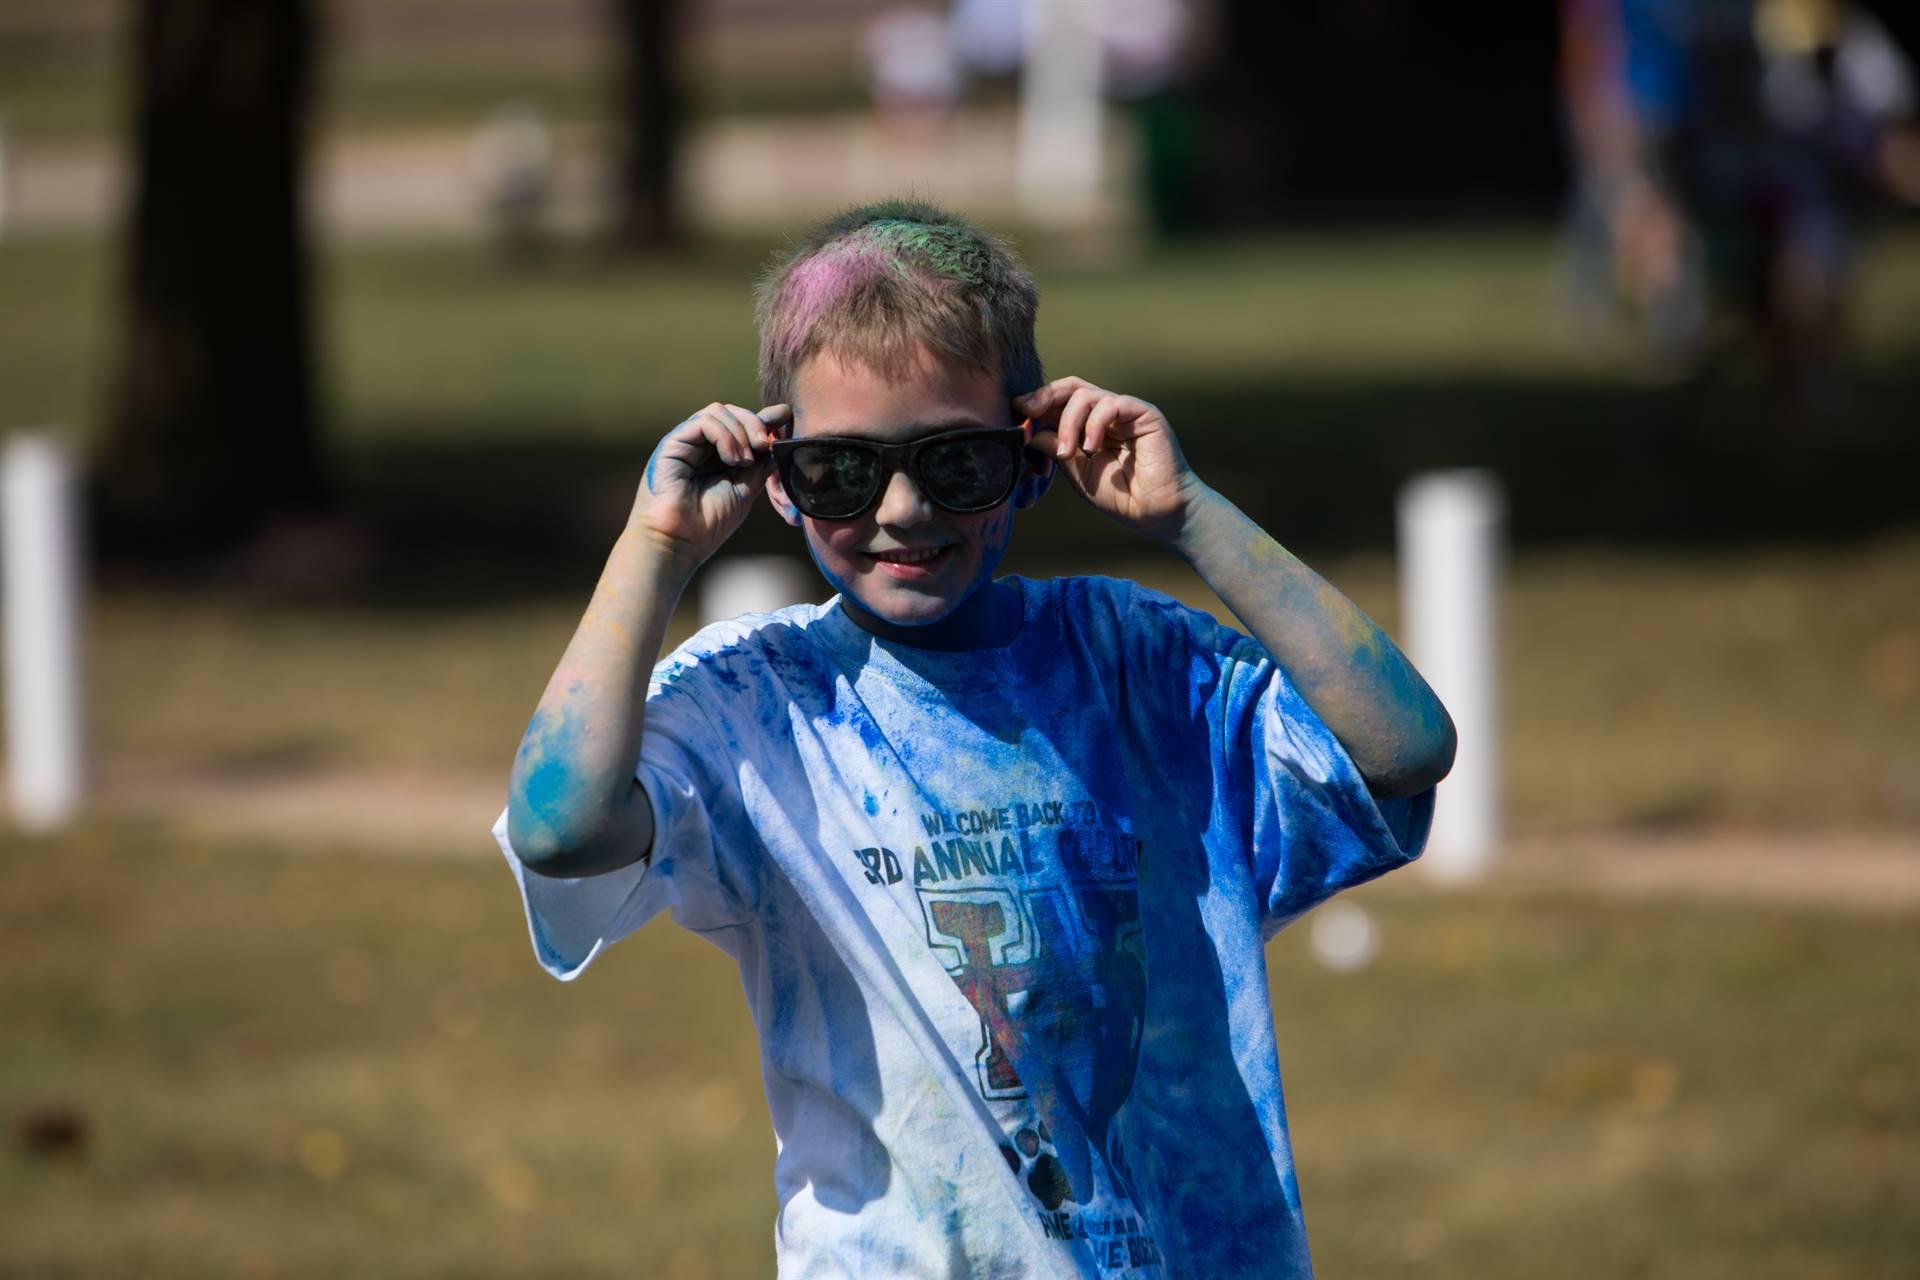 boy 12 at color run